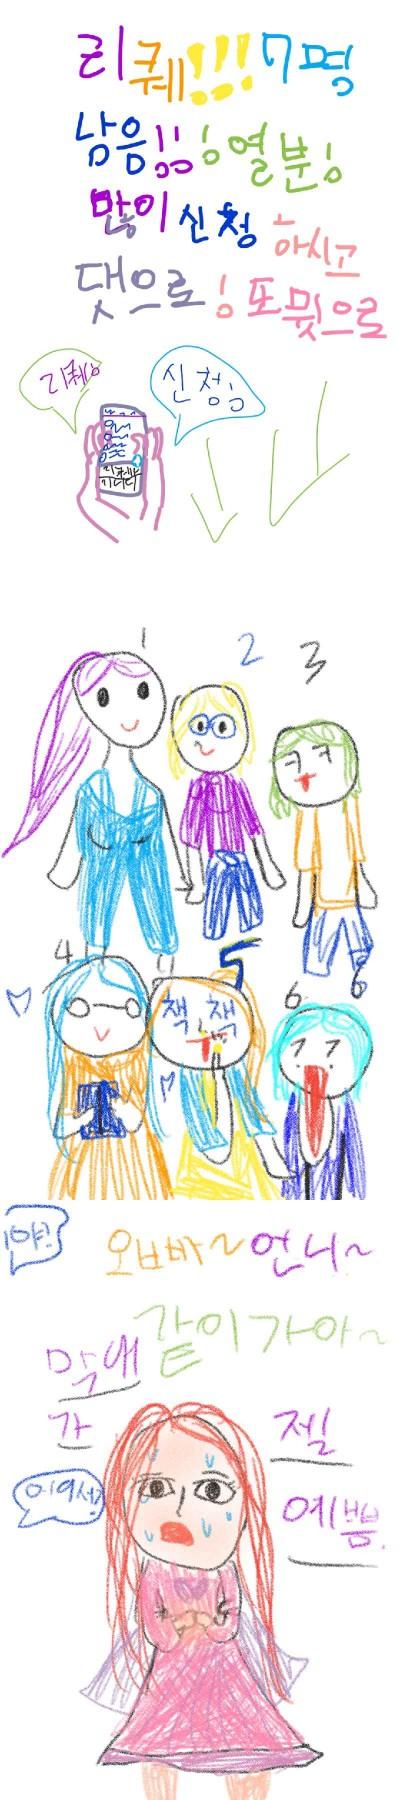 리퀘 | sohee | Digital Drawing | PENUP